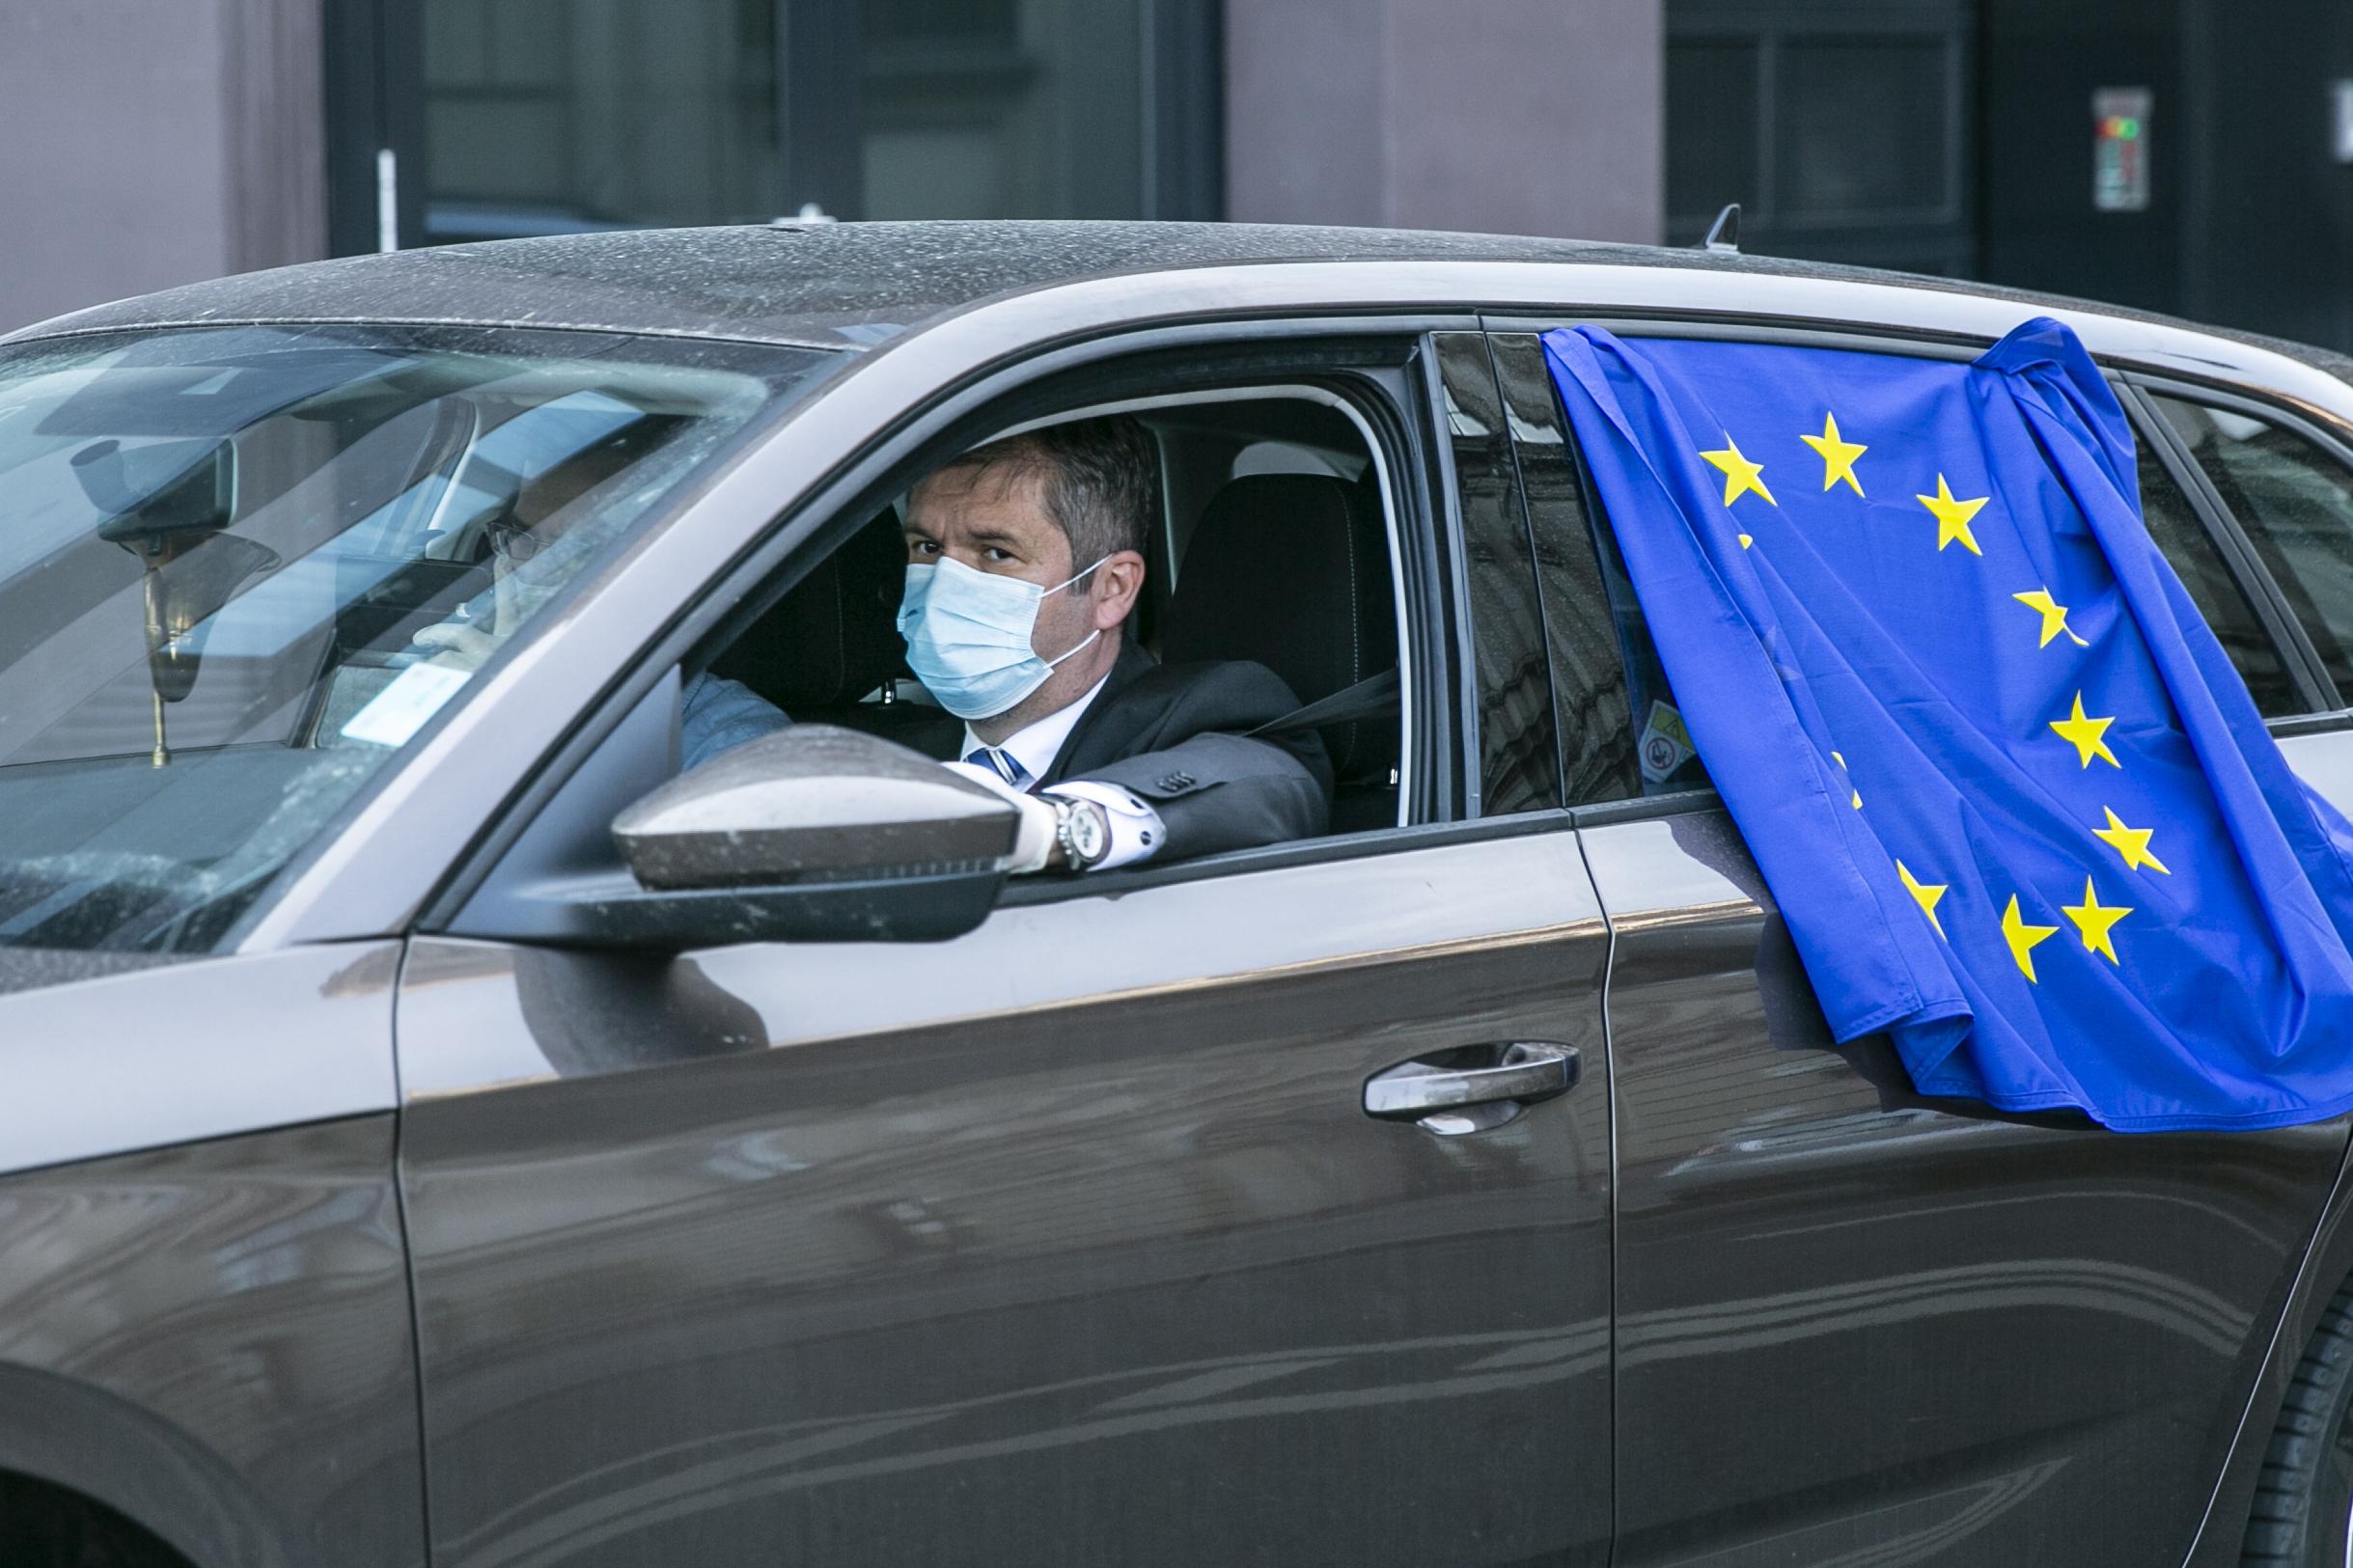 Hadházy Ákost azért is feljelentette a rendőrség, mert a dudálós tüntetésen egy EU-s zászlót lógatott ki autója ablakából